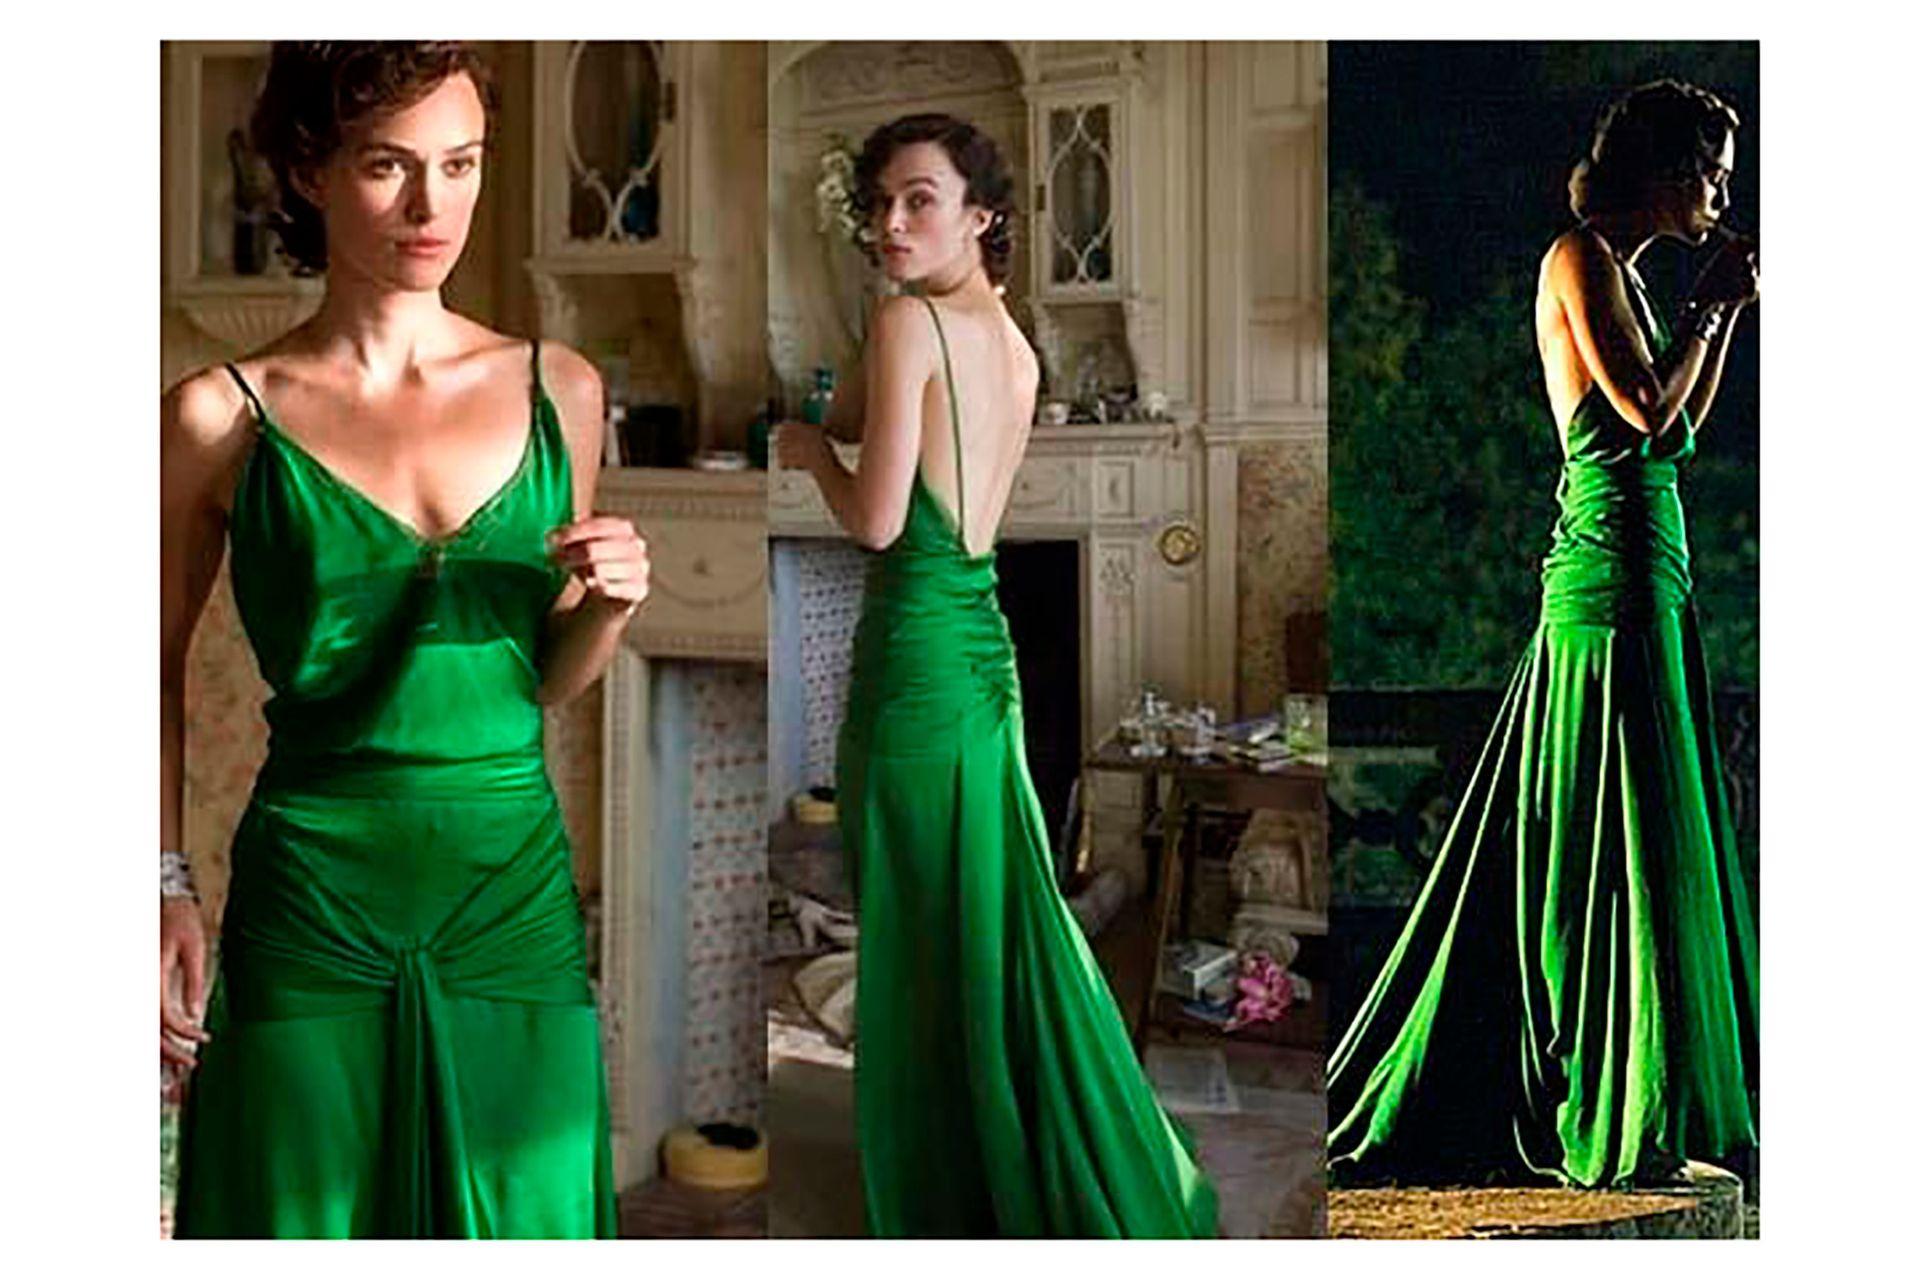 Keira Knightley en Expiación, deseo y pecado: el color del vestido simbolizaba la envidia que Cecilia despertaba en su hermana menor Briony (Saoirse Ronan)